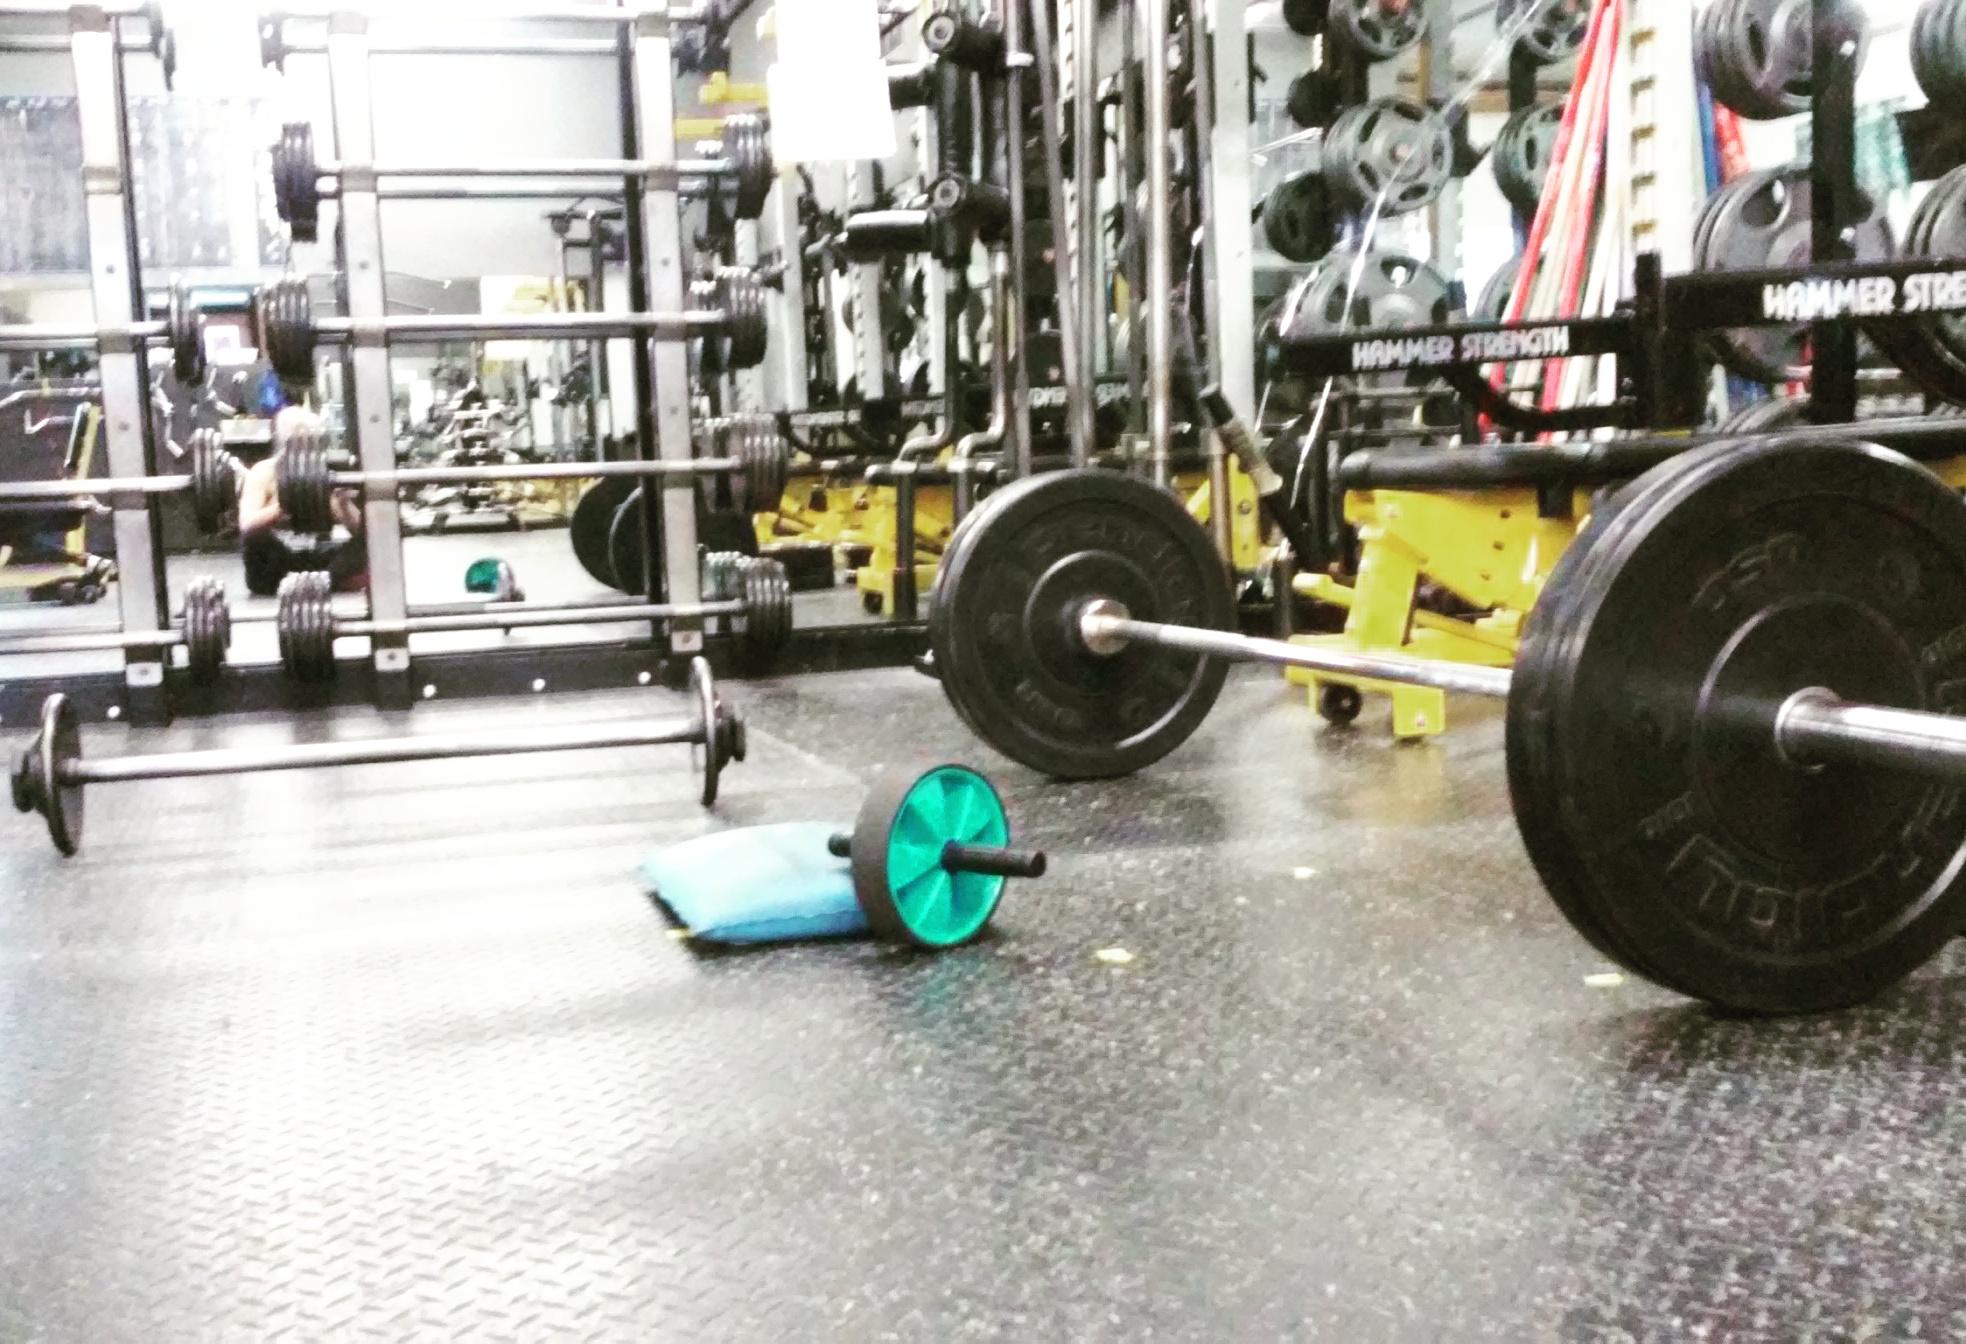 gym pic (2).jpg